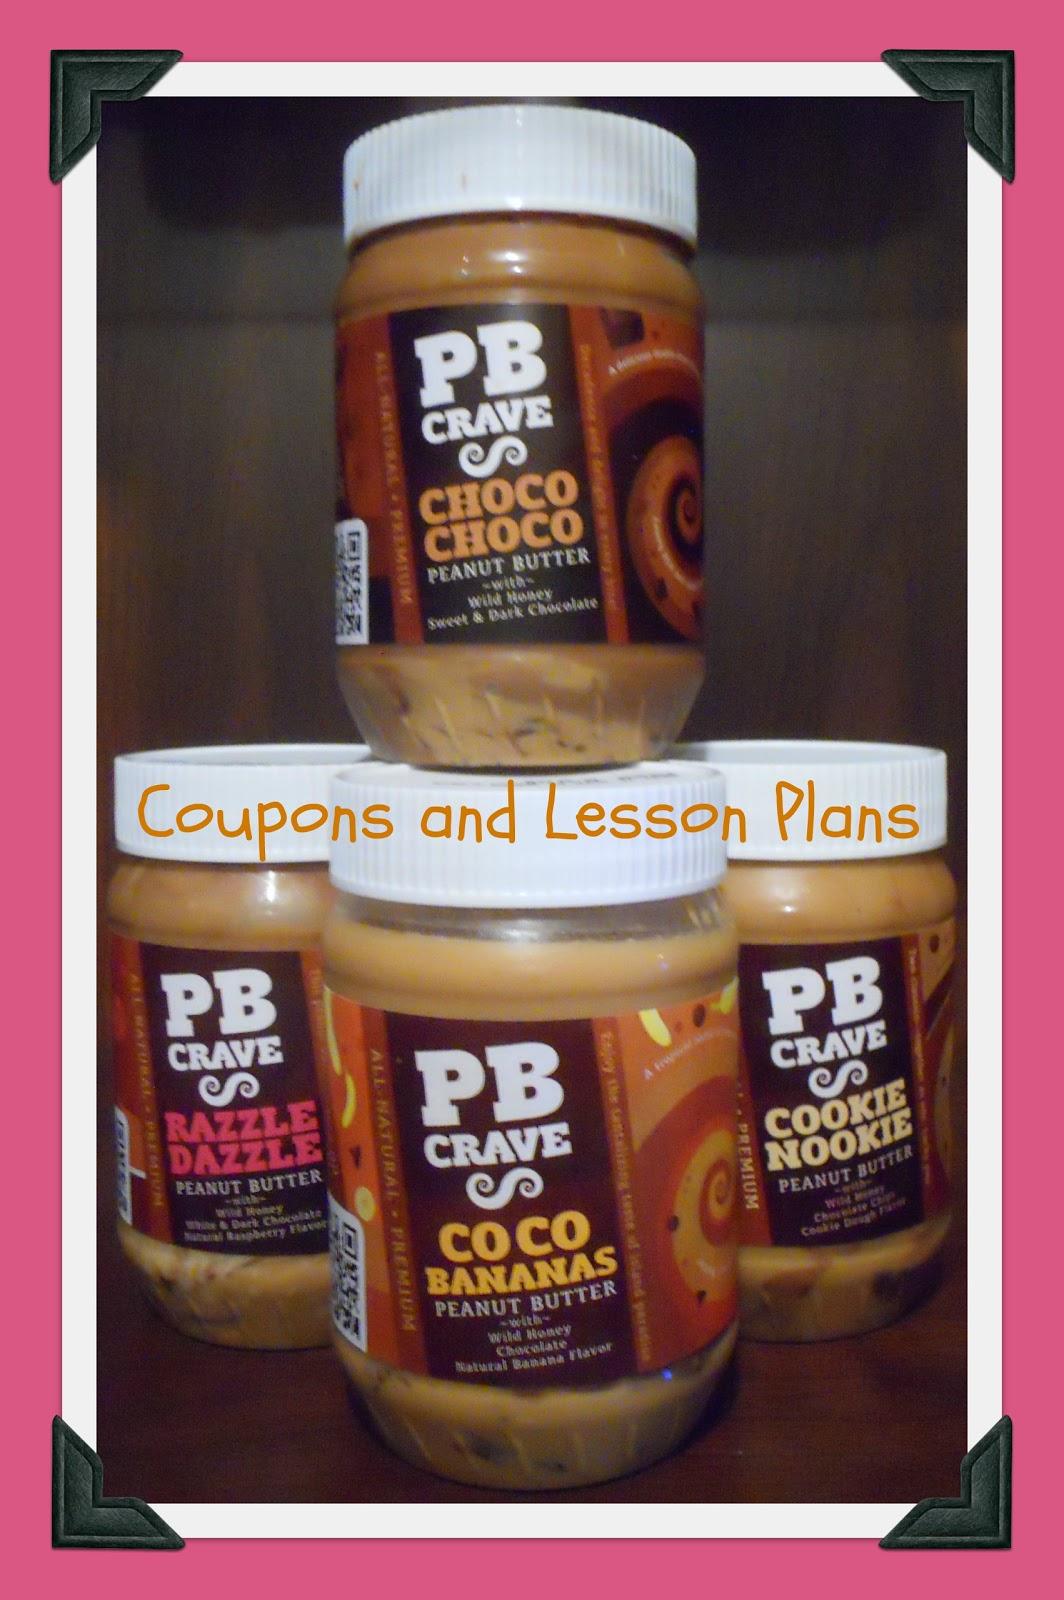 Pb crave coupon